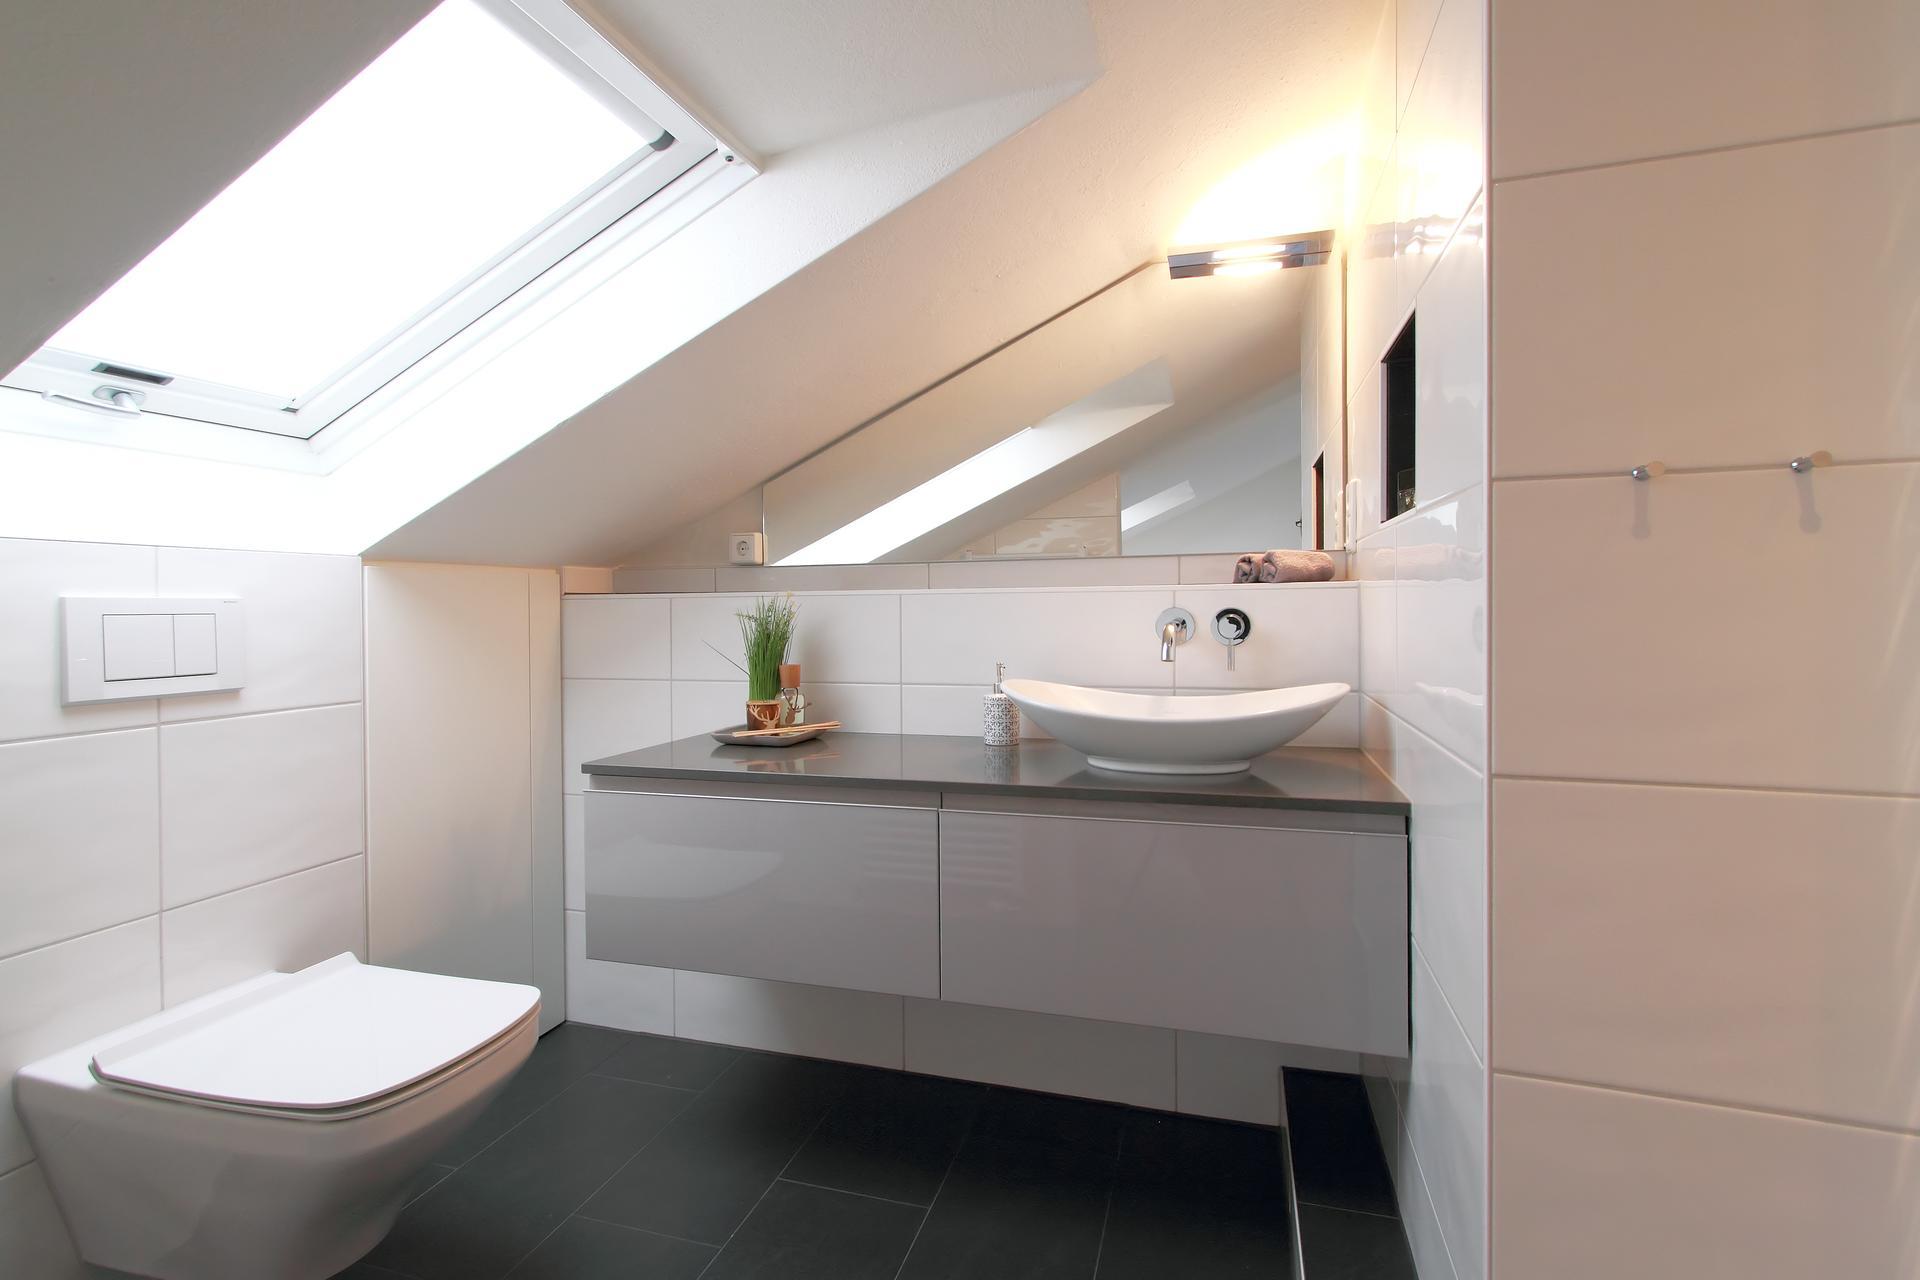 wohnraumsanierung lassen freiburg breisgau badrenovierung heizungsmodernisierung. Black Bedroom Furniture Sets. Home Design Ideas